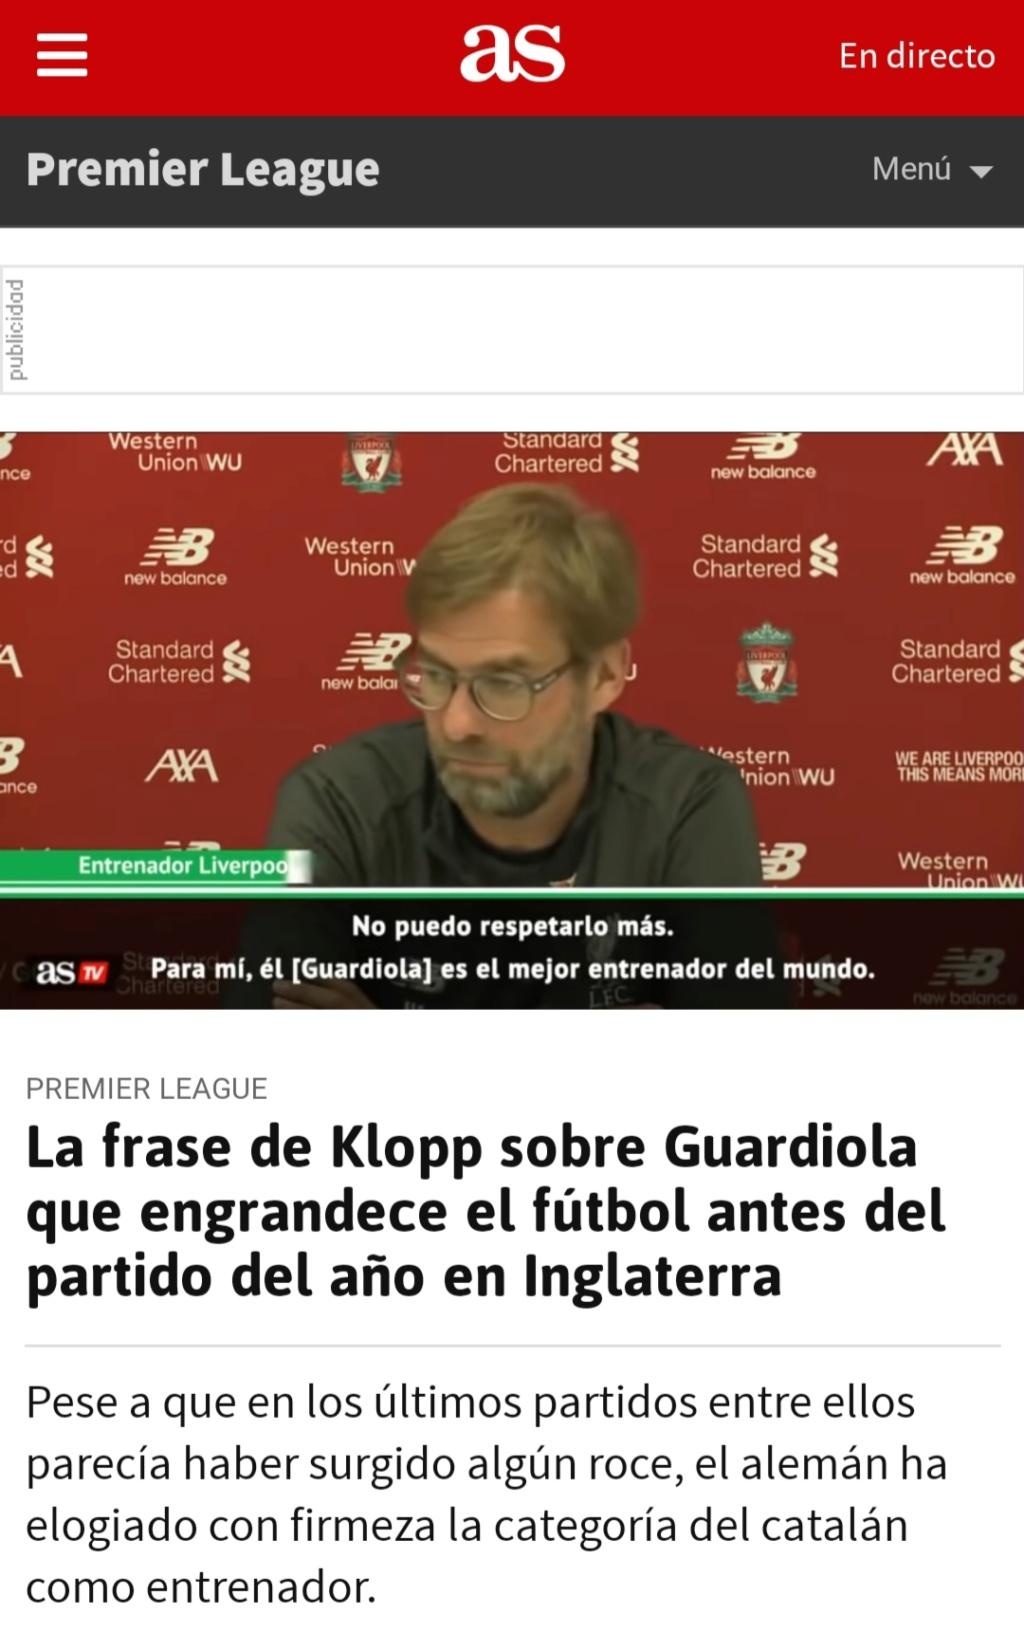 Pep Guardiola: Llega el otoño. Palma con el líder y se queda a nueve el 10 noviembre. La Premier. La Premier - Página 8 20191111